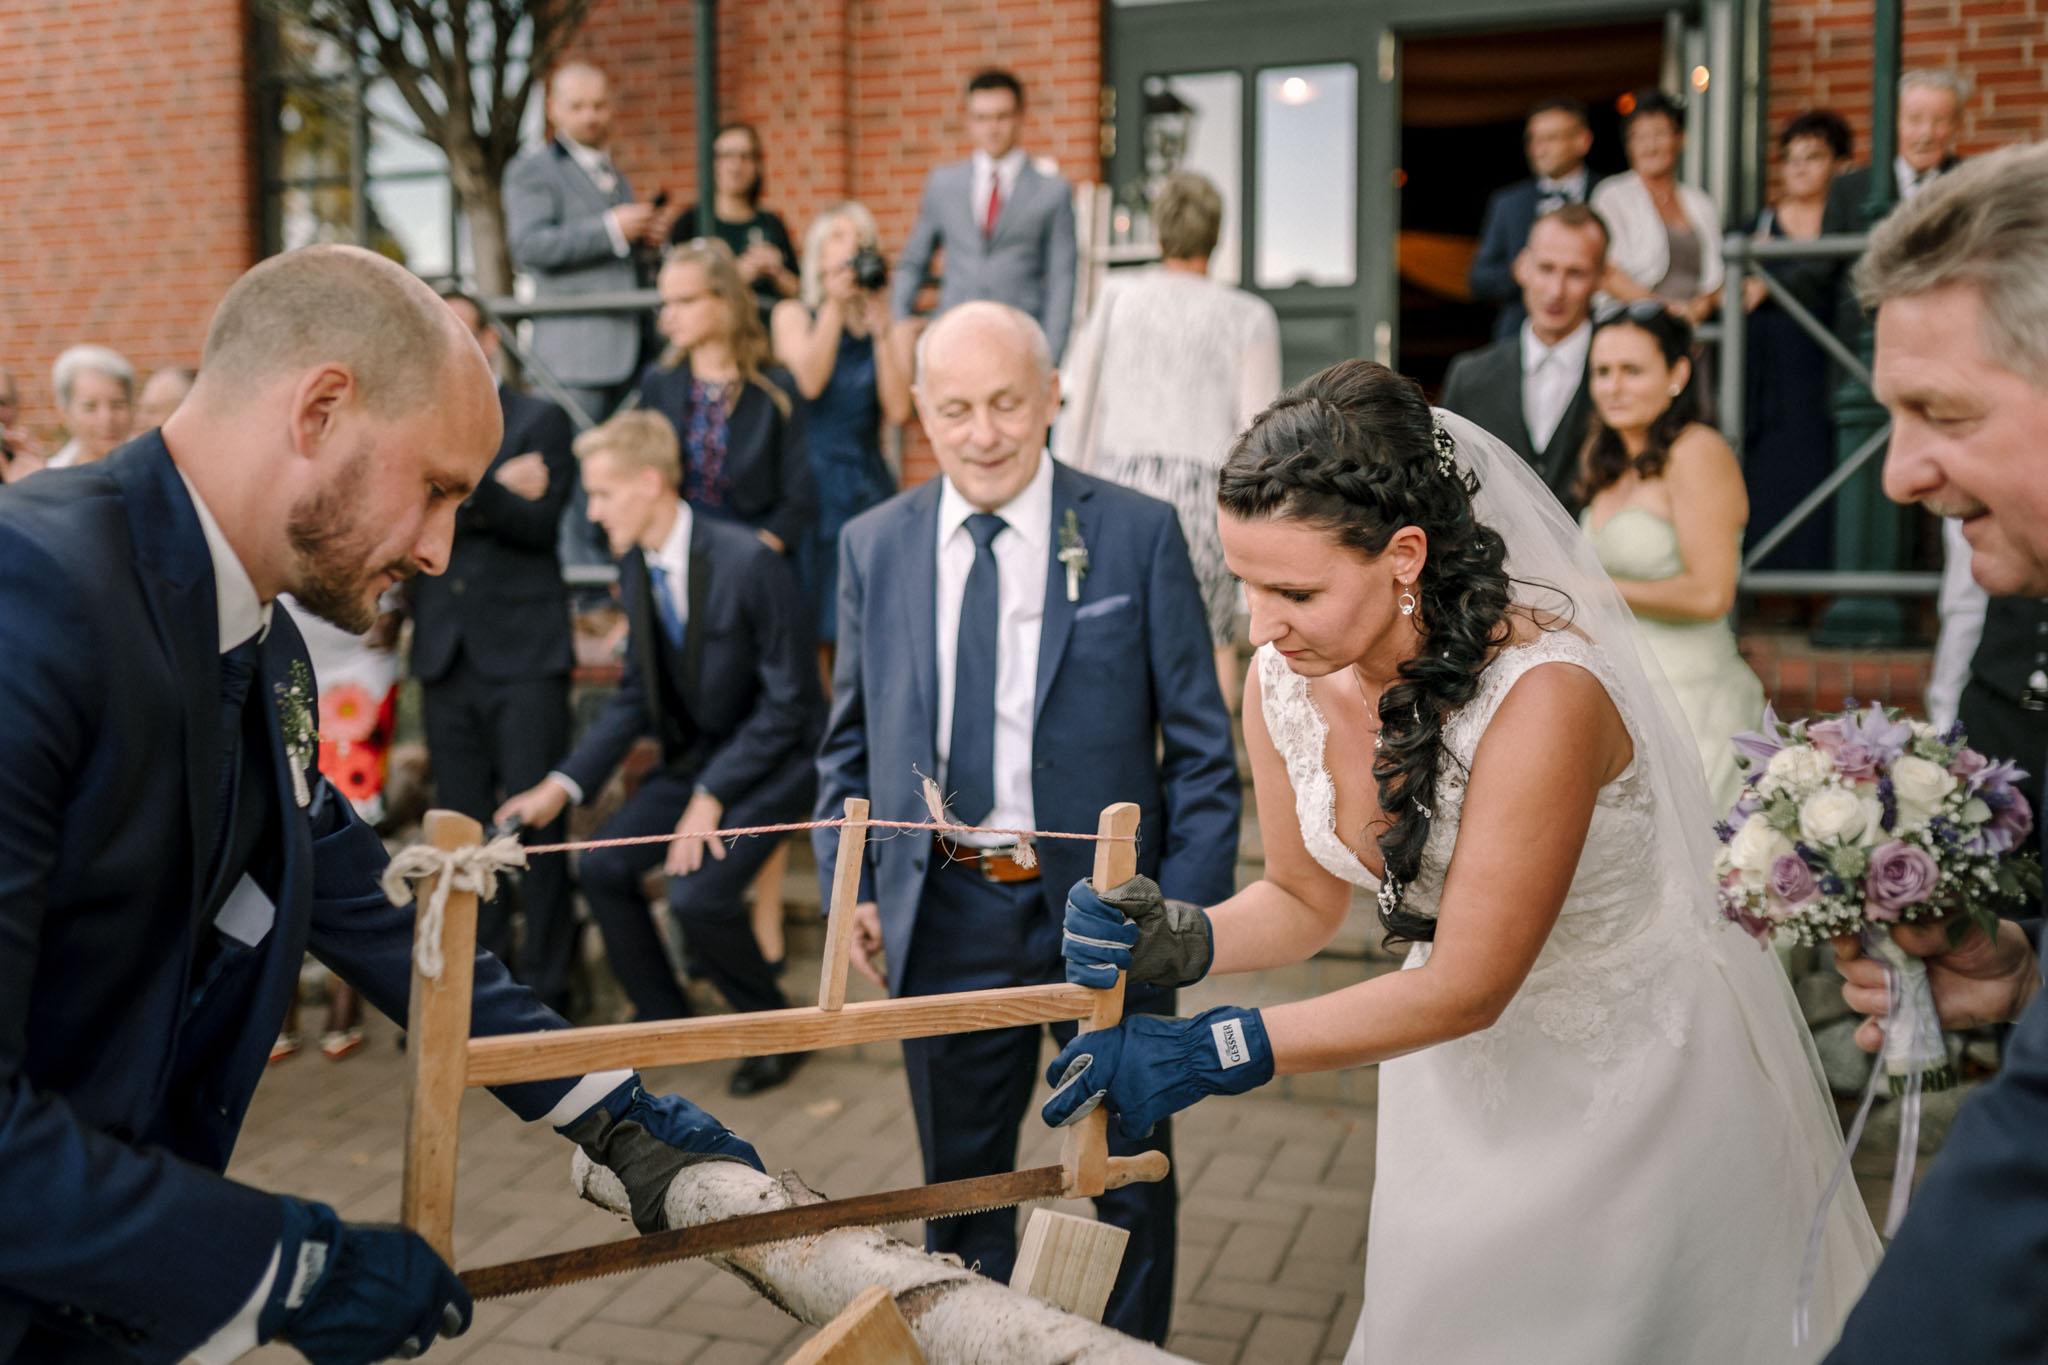 Hochzeitsfieber by Photo-Schomburg, Hochzeitsfotograf, Hamburg,Hochzeitstag, Hochzeitspaar, Braut, Bräutigam, Literaturhauscafe Zarrentin-103